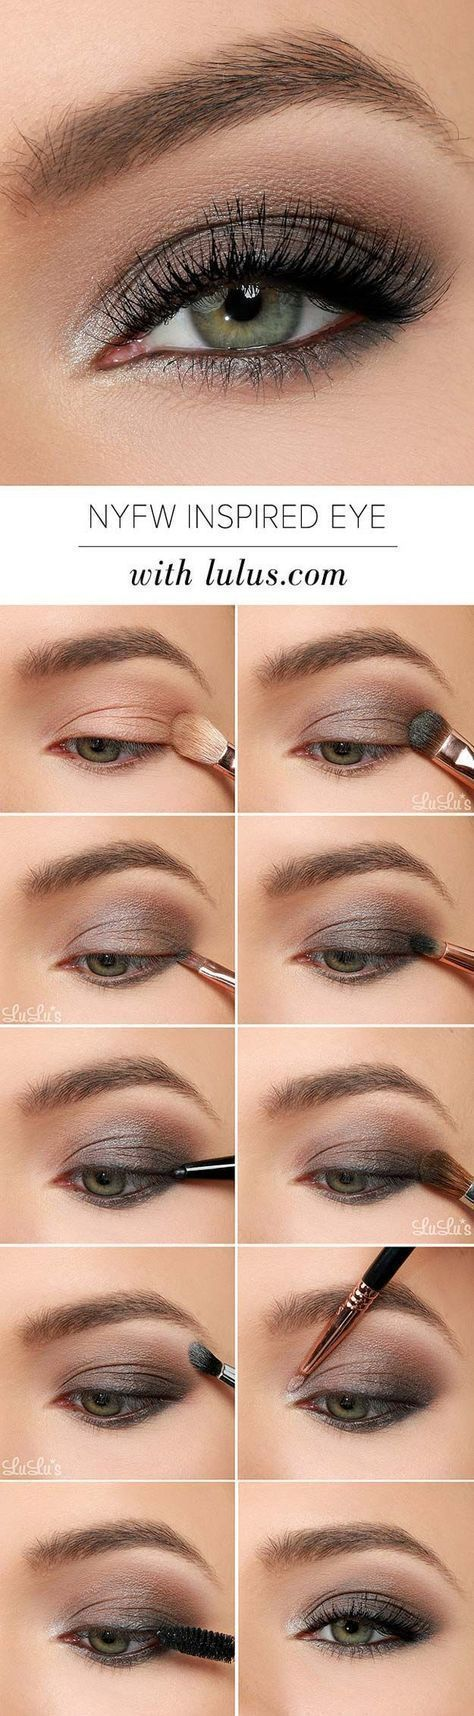 #eyeshadowslooks